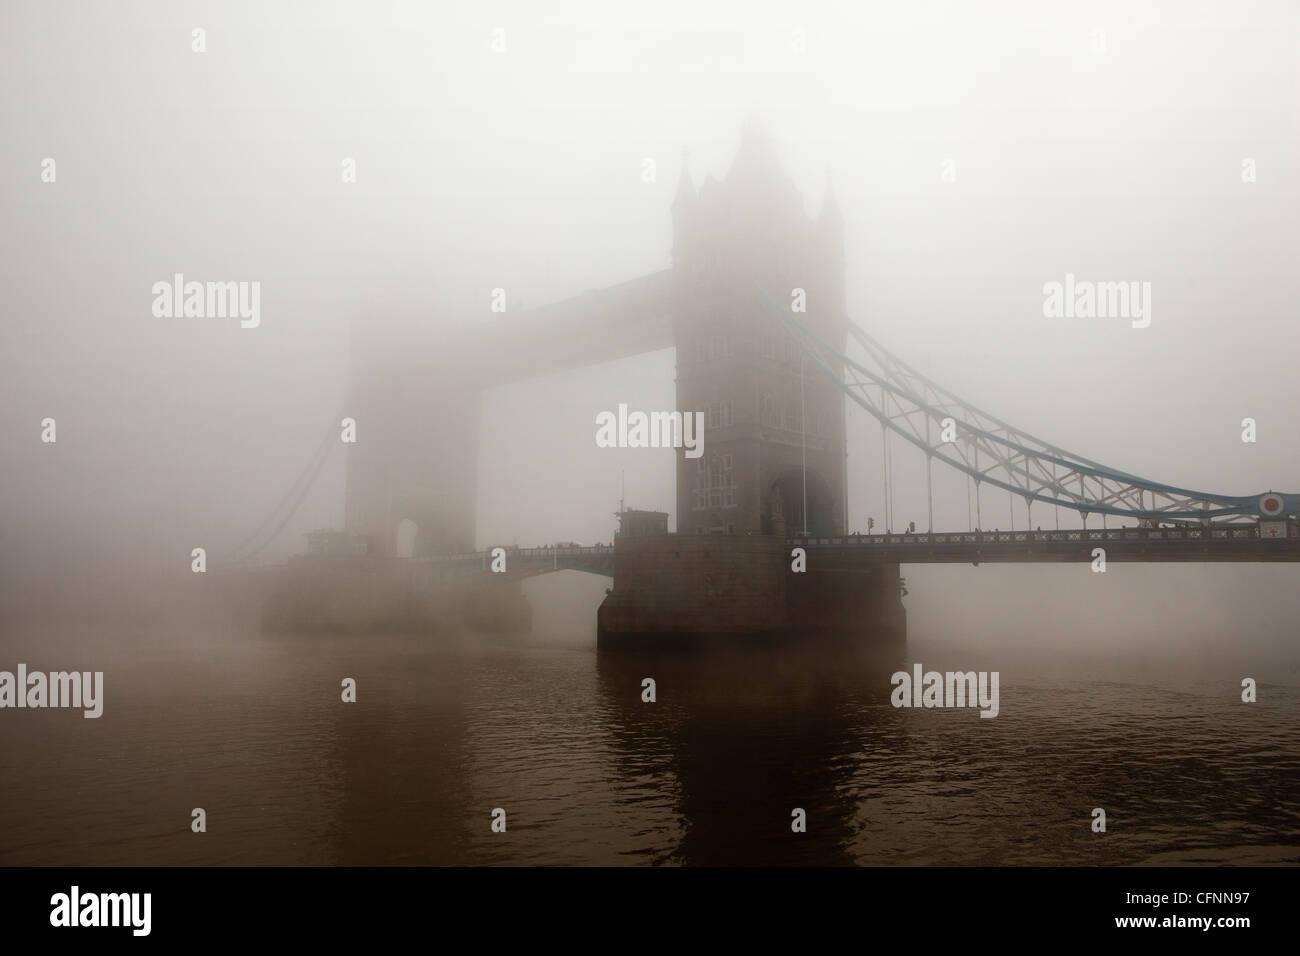 Ein Blick auf die Tower Bridge vollständig abgedeckt im Morgennebel Stockbild